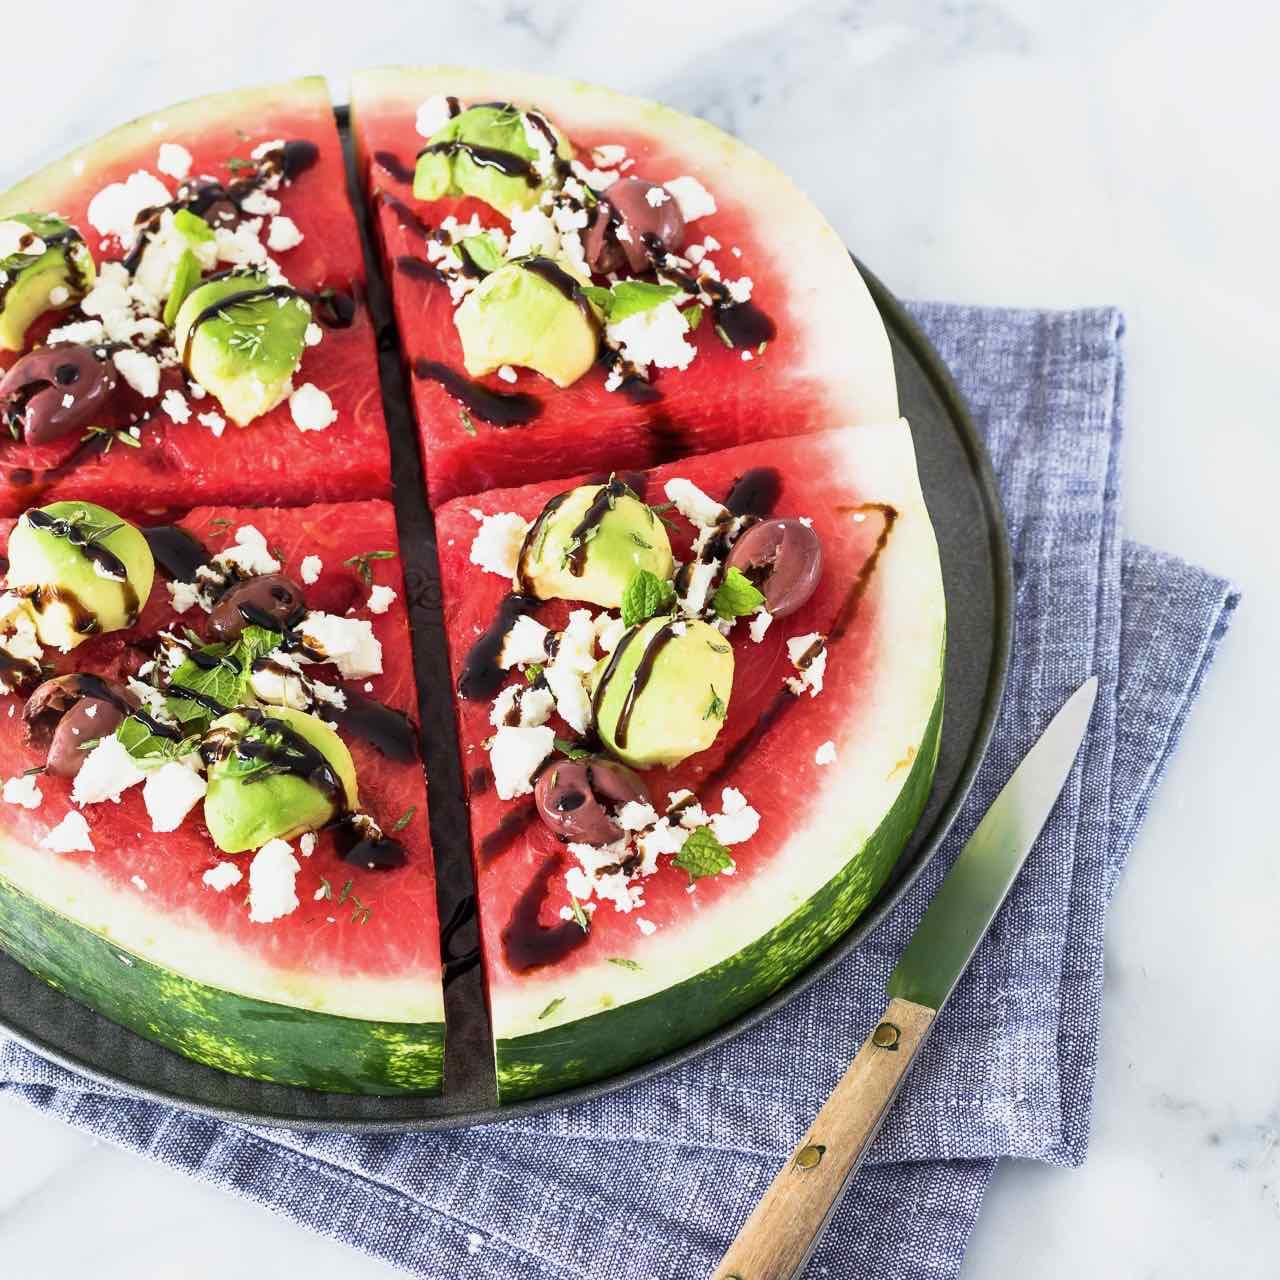 pizza di anguria - watermelon pizza - opsd blog